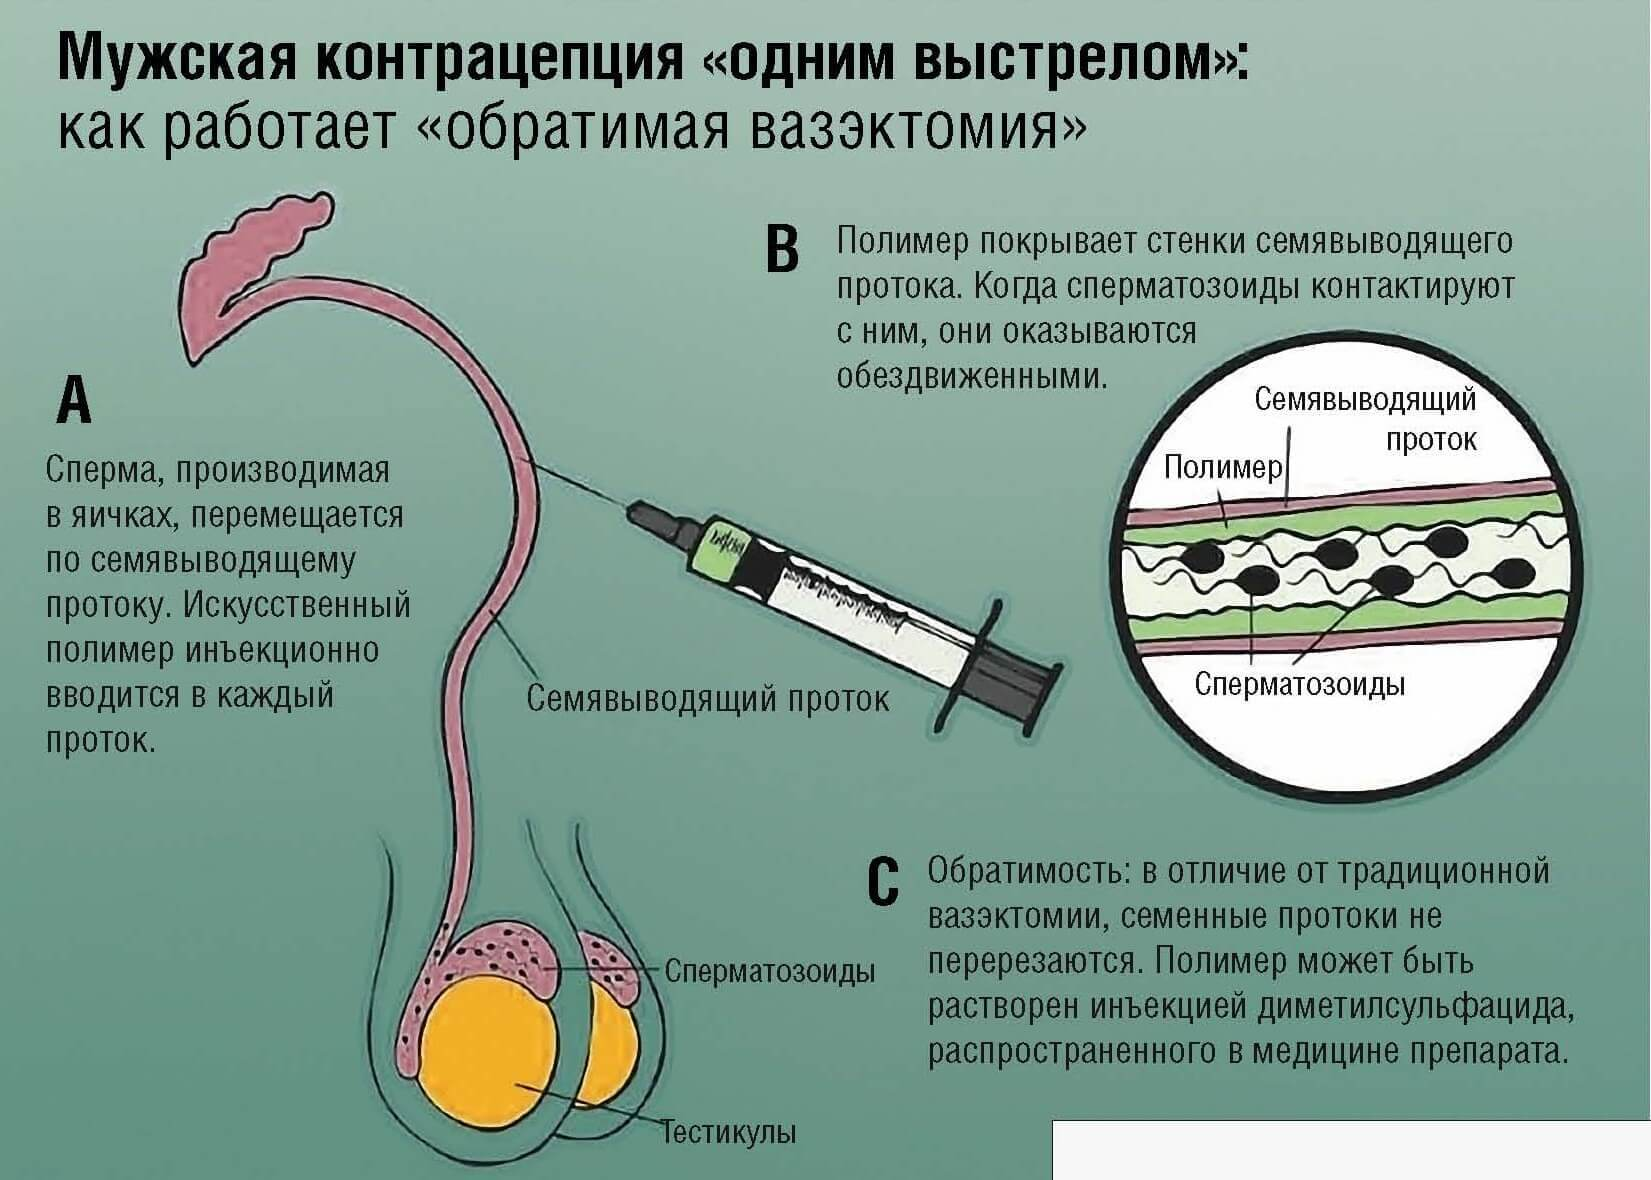 Что такое вазэктомия: причины стерилизации мужчин и последствия